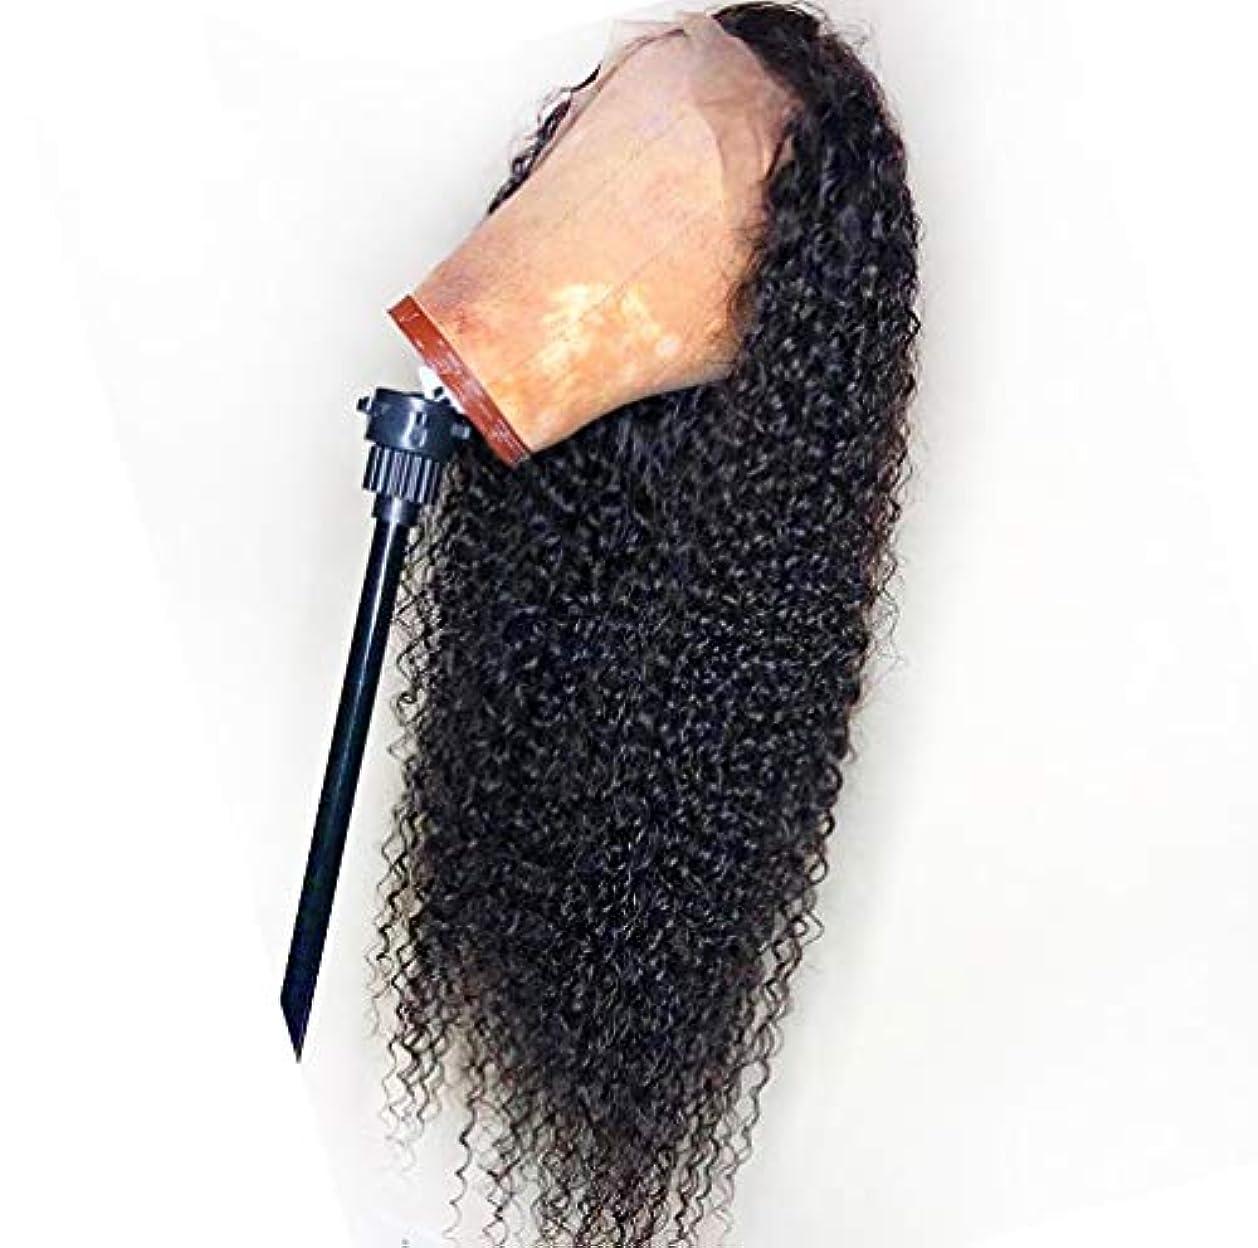 重要ないうミニチュア女性の人間の髪の毛のかつら13 * 6レースフロントボディ波100%バージンブラジルの人間の髪のレースフロントかつら自然なかつら